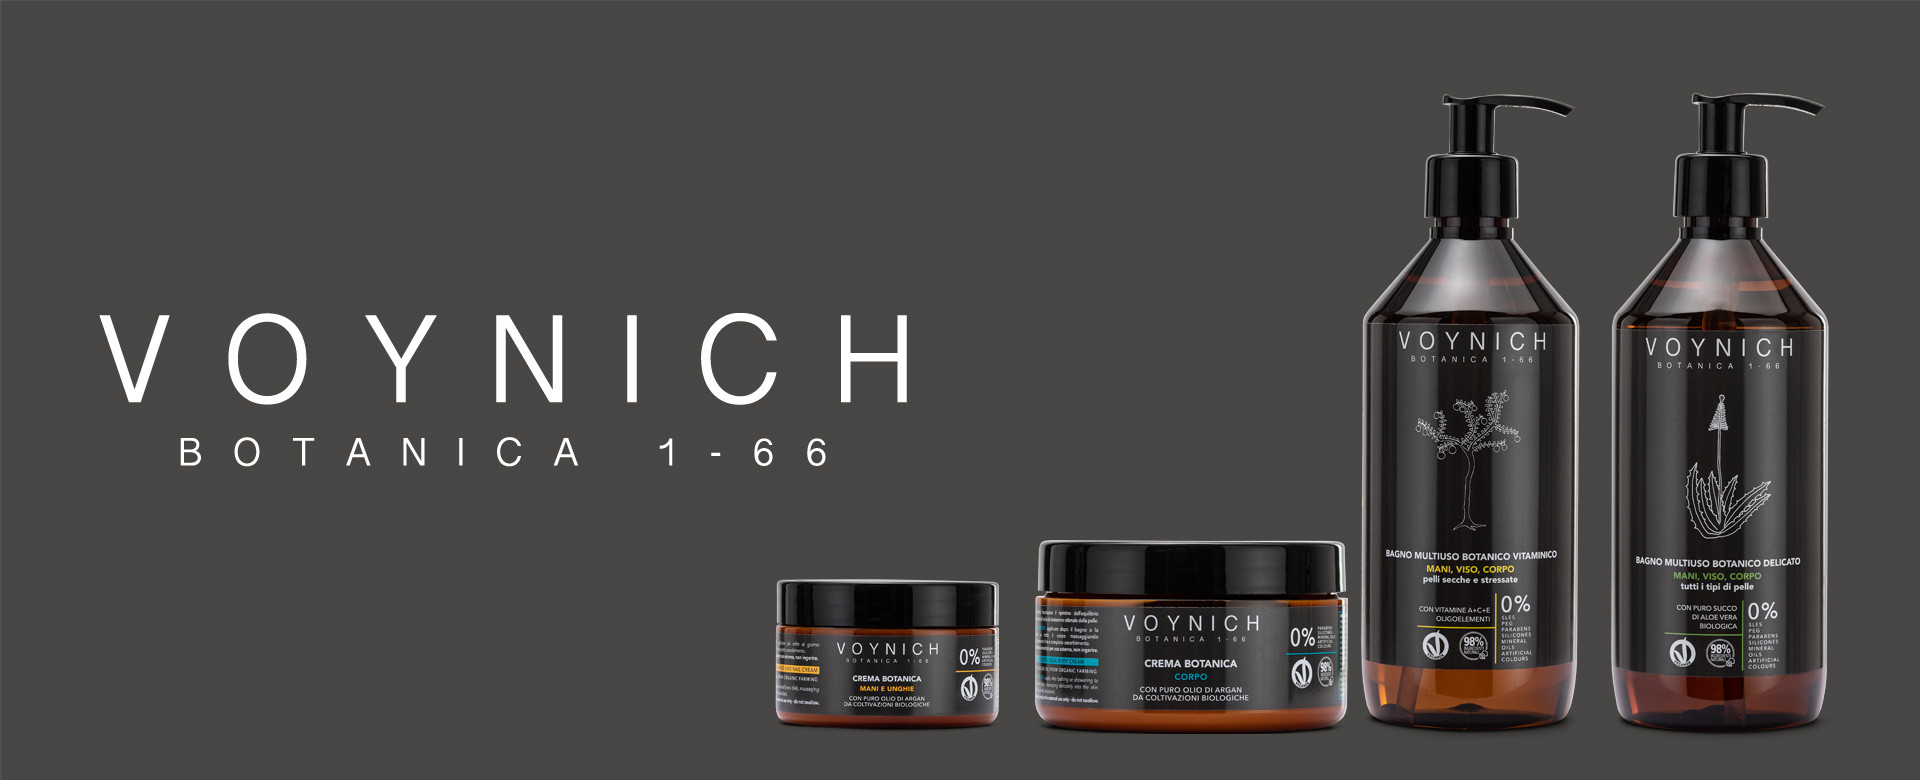 Voynich_Corpo